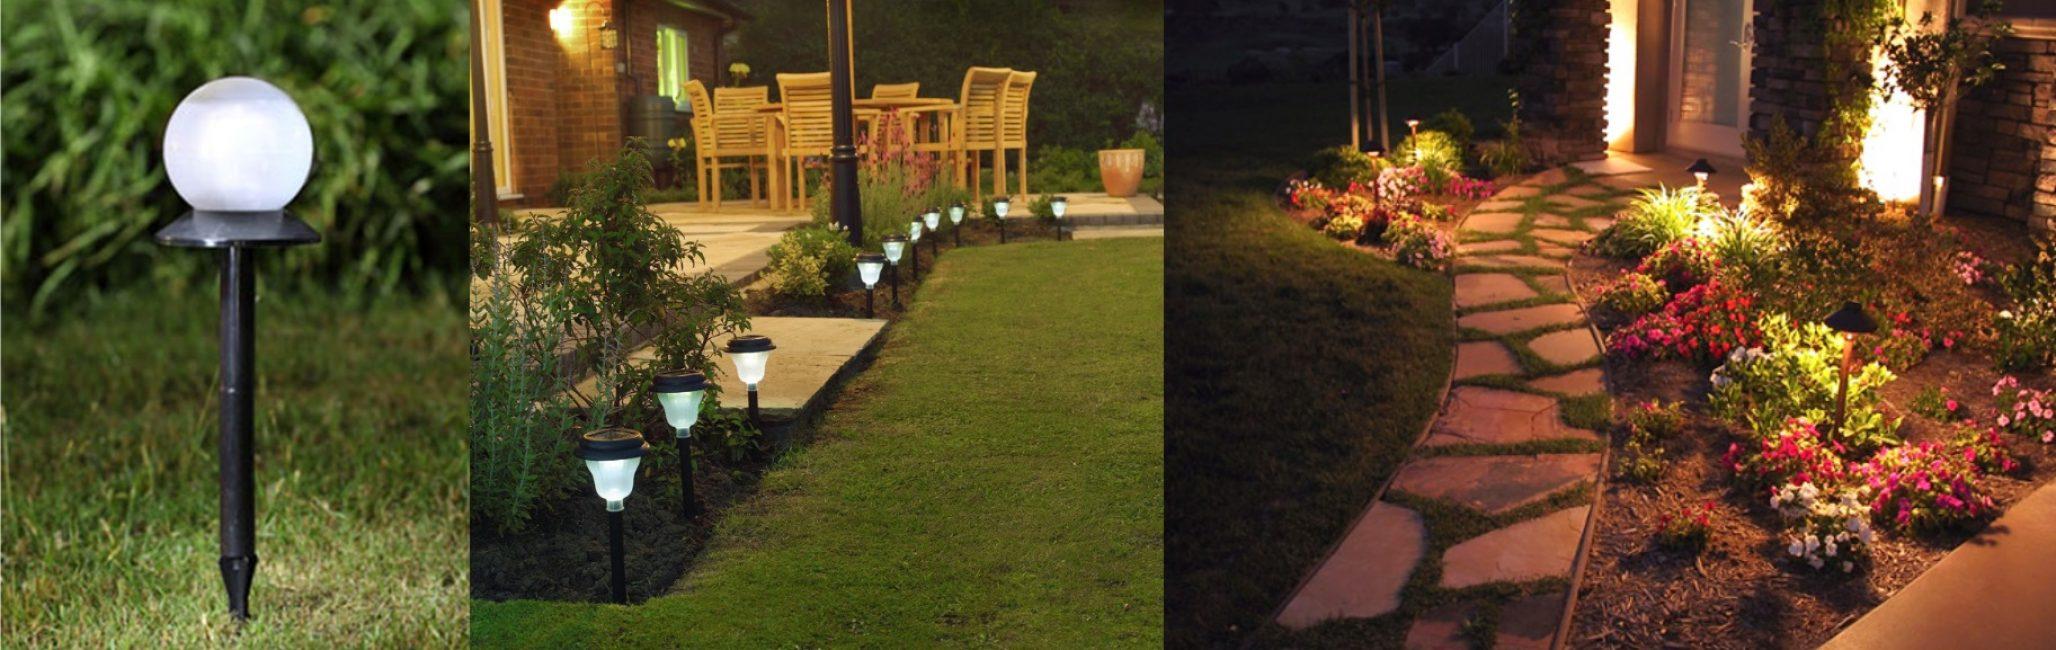 Pilih lampu untuk gaya taman